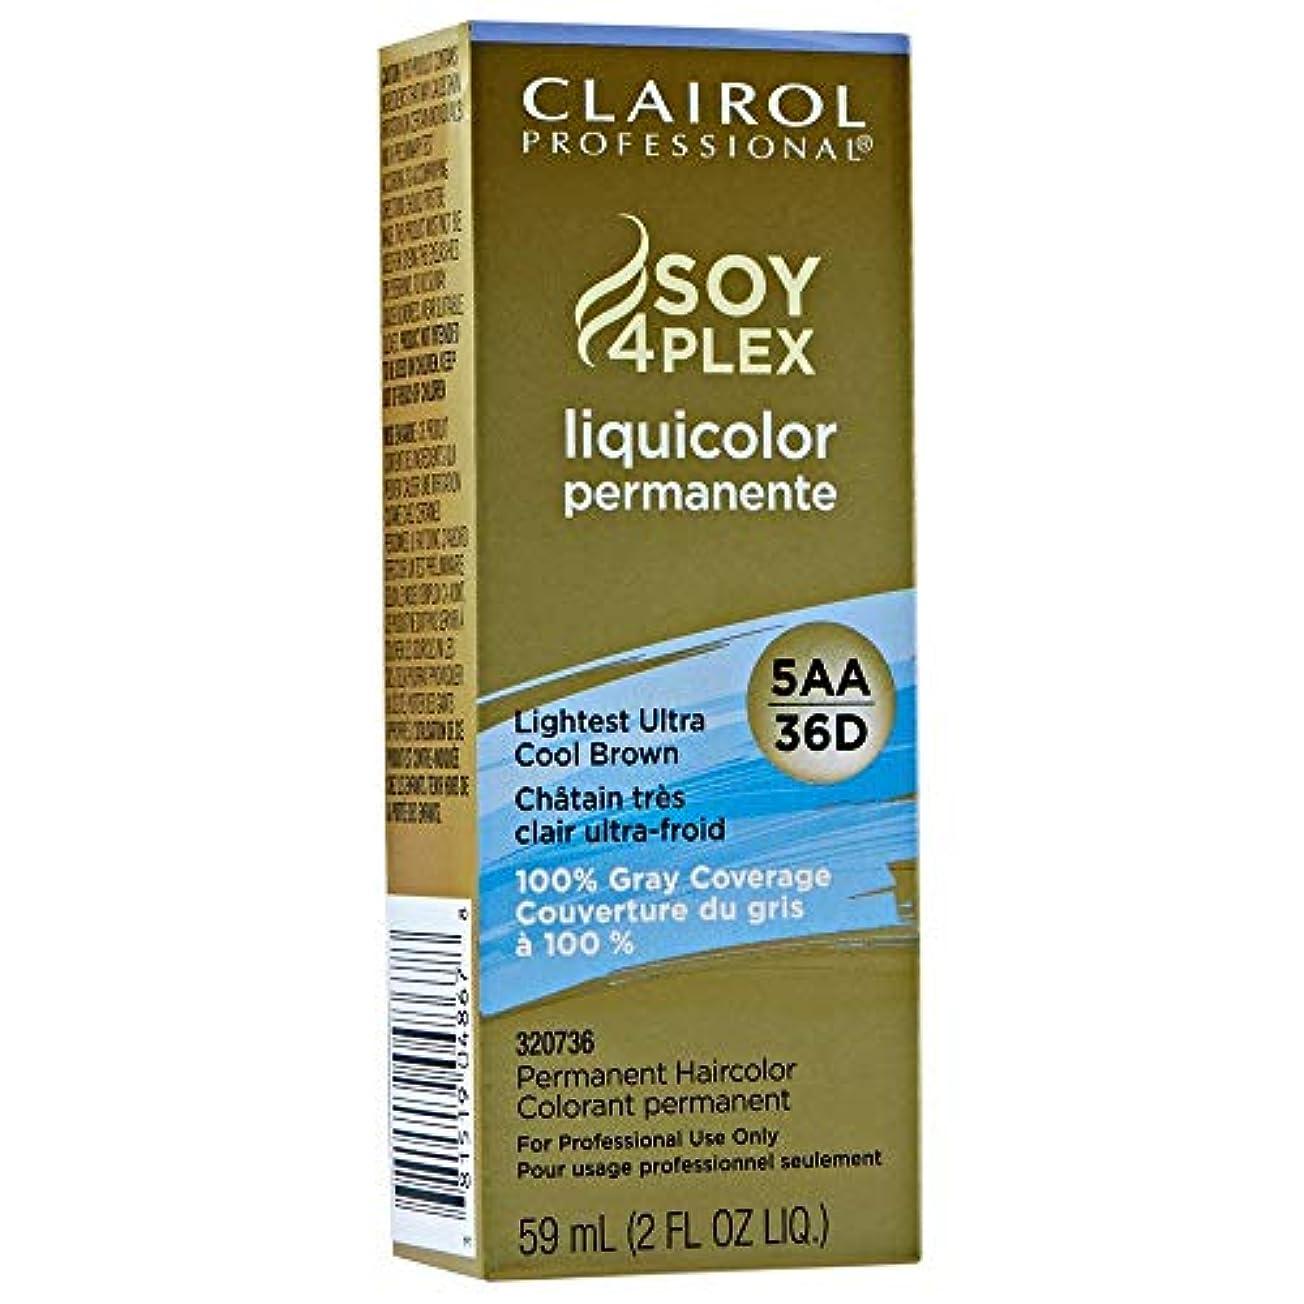 人差し指ケージフルーティーClairol Professional Soy 4 Plex Liquicolor Permanent 36D Lightest Ultra Cool Brown 59 ml (並行輸入品)